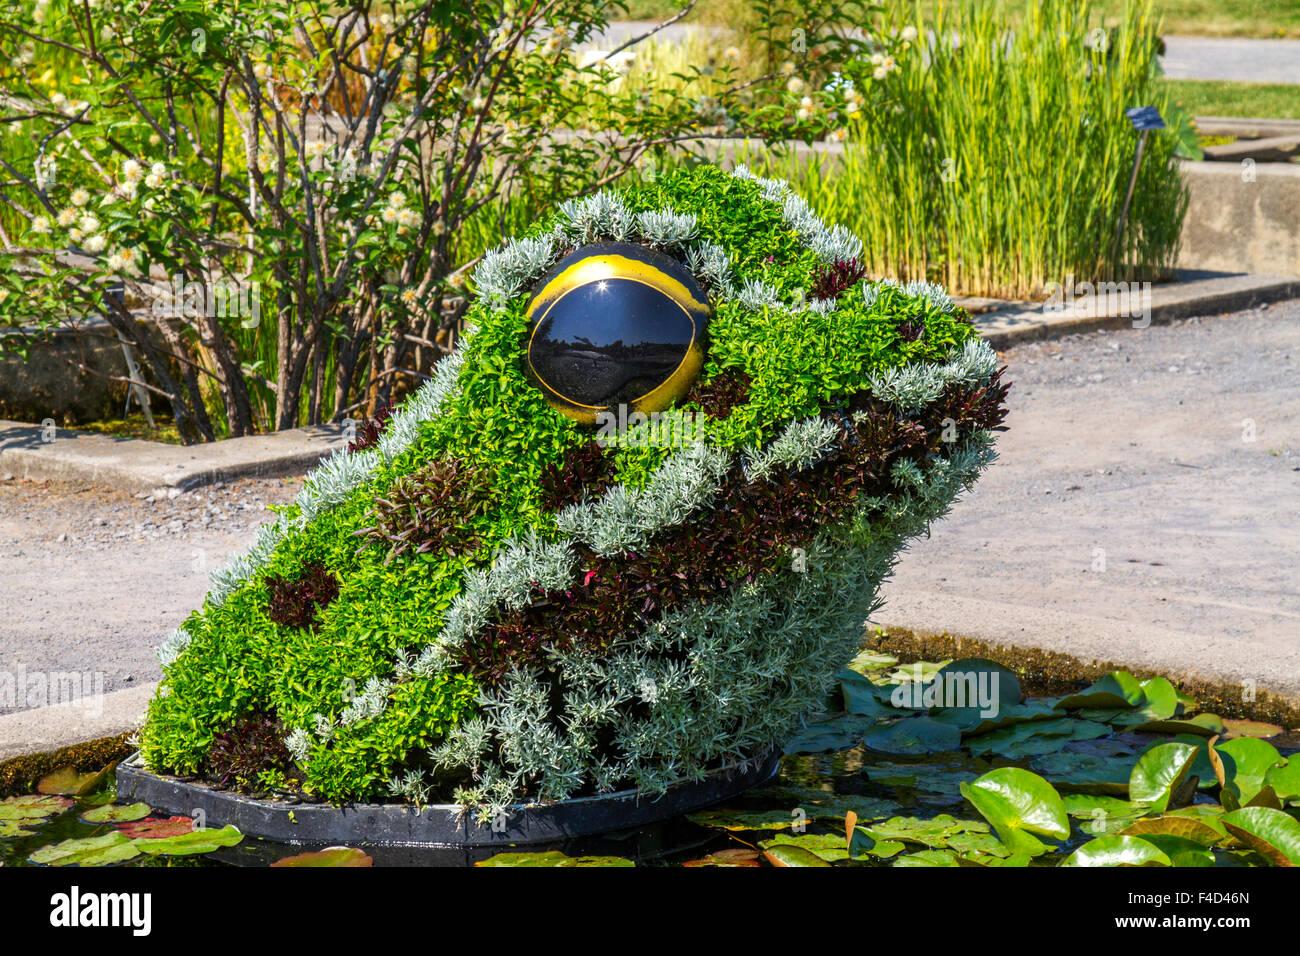 Canada montreal jardin botanique botanical garden for Botanique jardin montreal